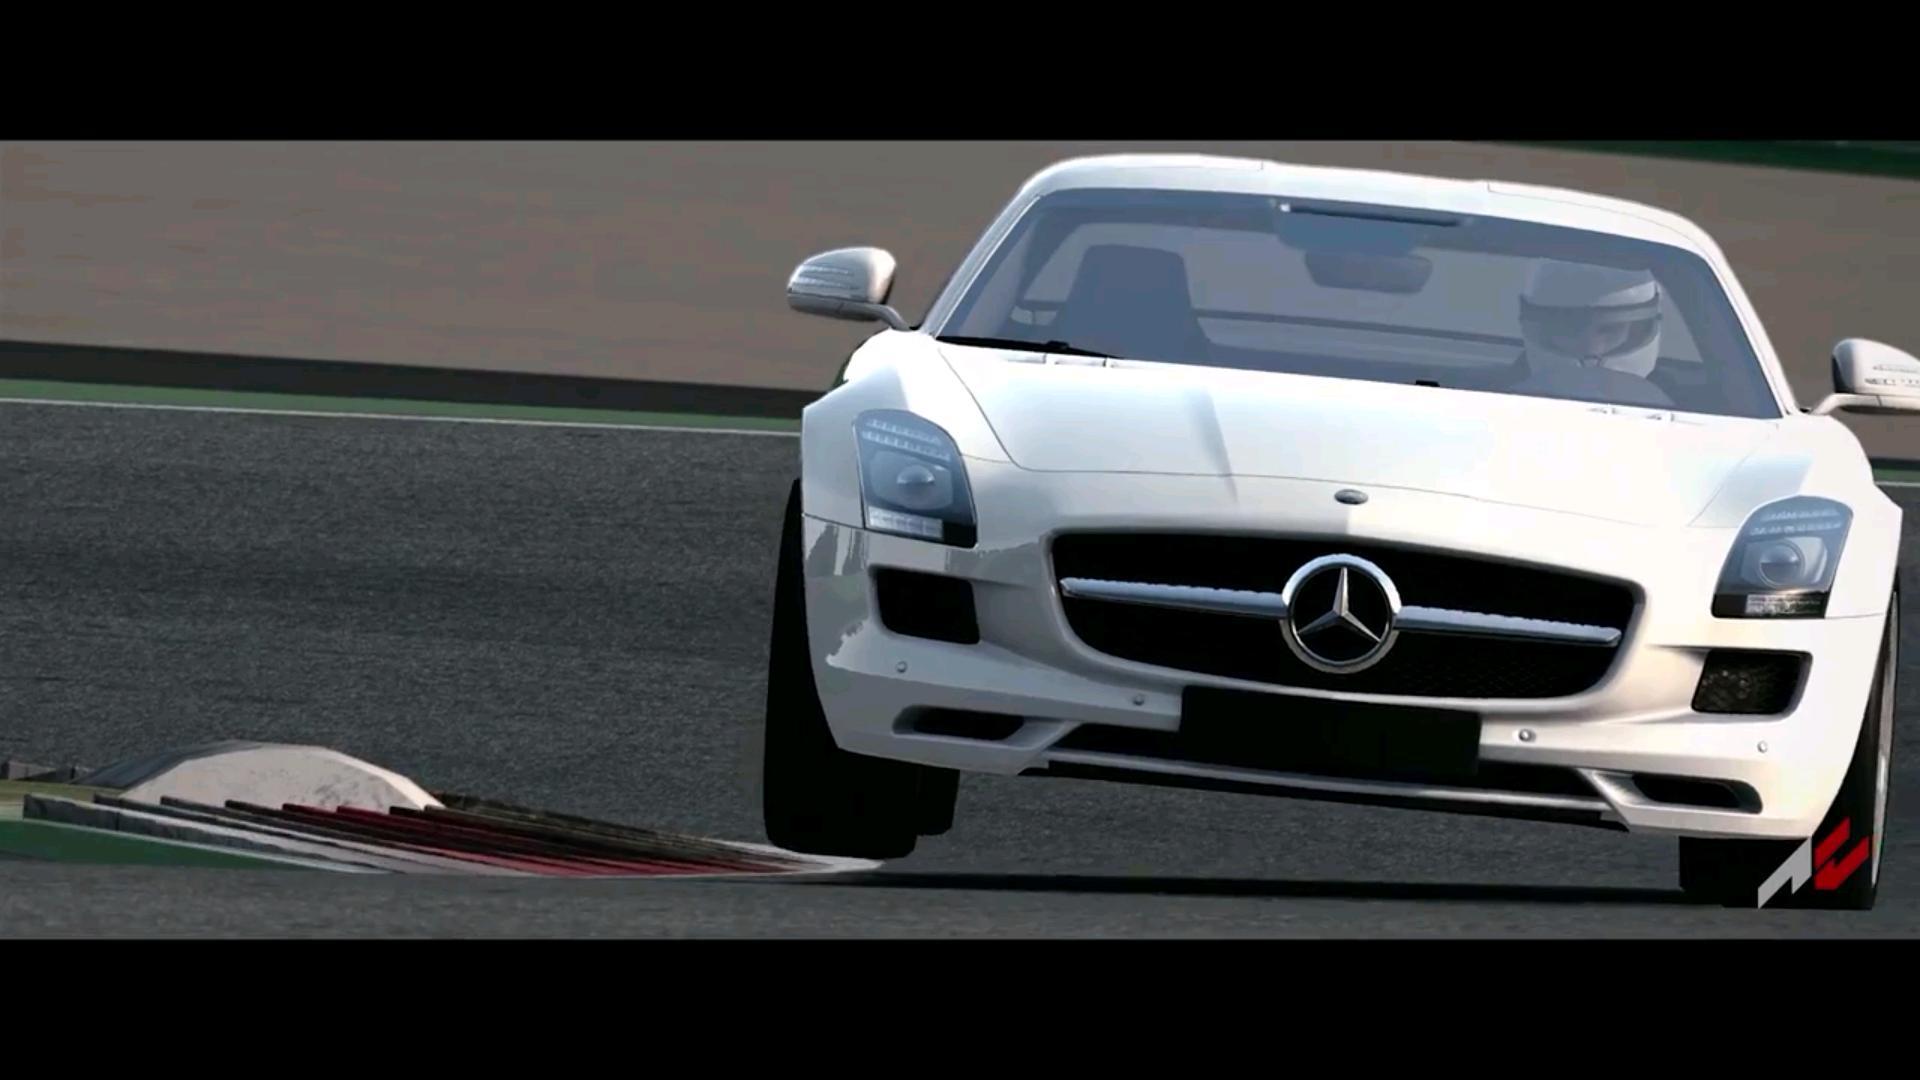 Assetto Corsa: Megérkezett a Mercedes-Benz SLS AMG a játékban